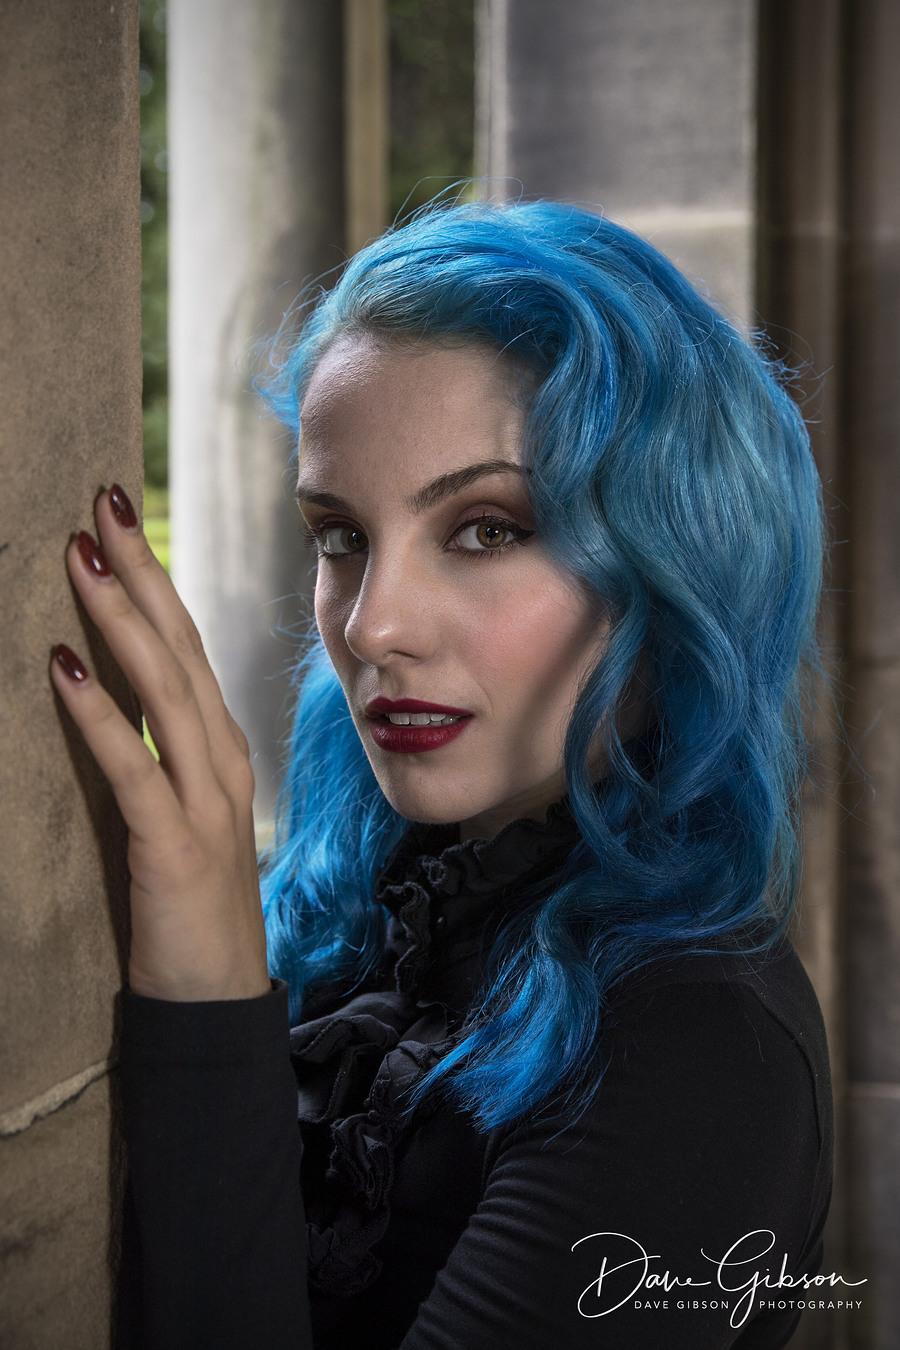 Hide & Seek / Photography by Dave Gibson, Model Mina Von Vixen, Makeup by Mina Von Vixen, Stylist Mina Von Vixen, Hair styling by Mina Von Vixen / Uploaded 18th March 2018 @ 03:49 PM